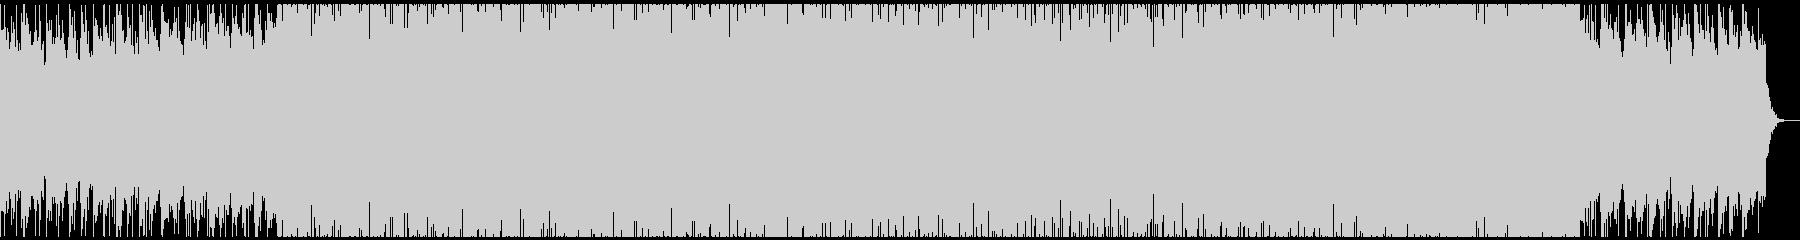 シリアスな雰囲気と浮遊感のあるBGMの未再生の波形